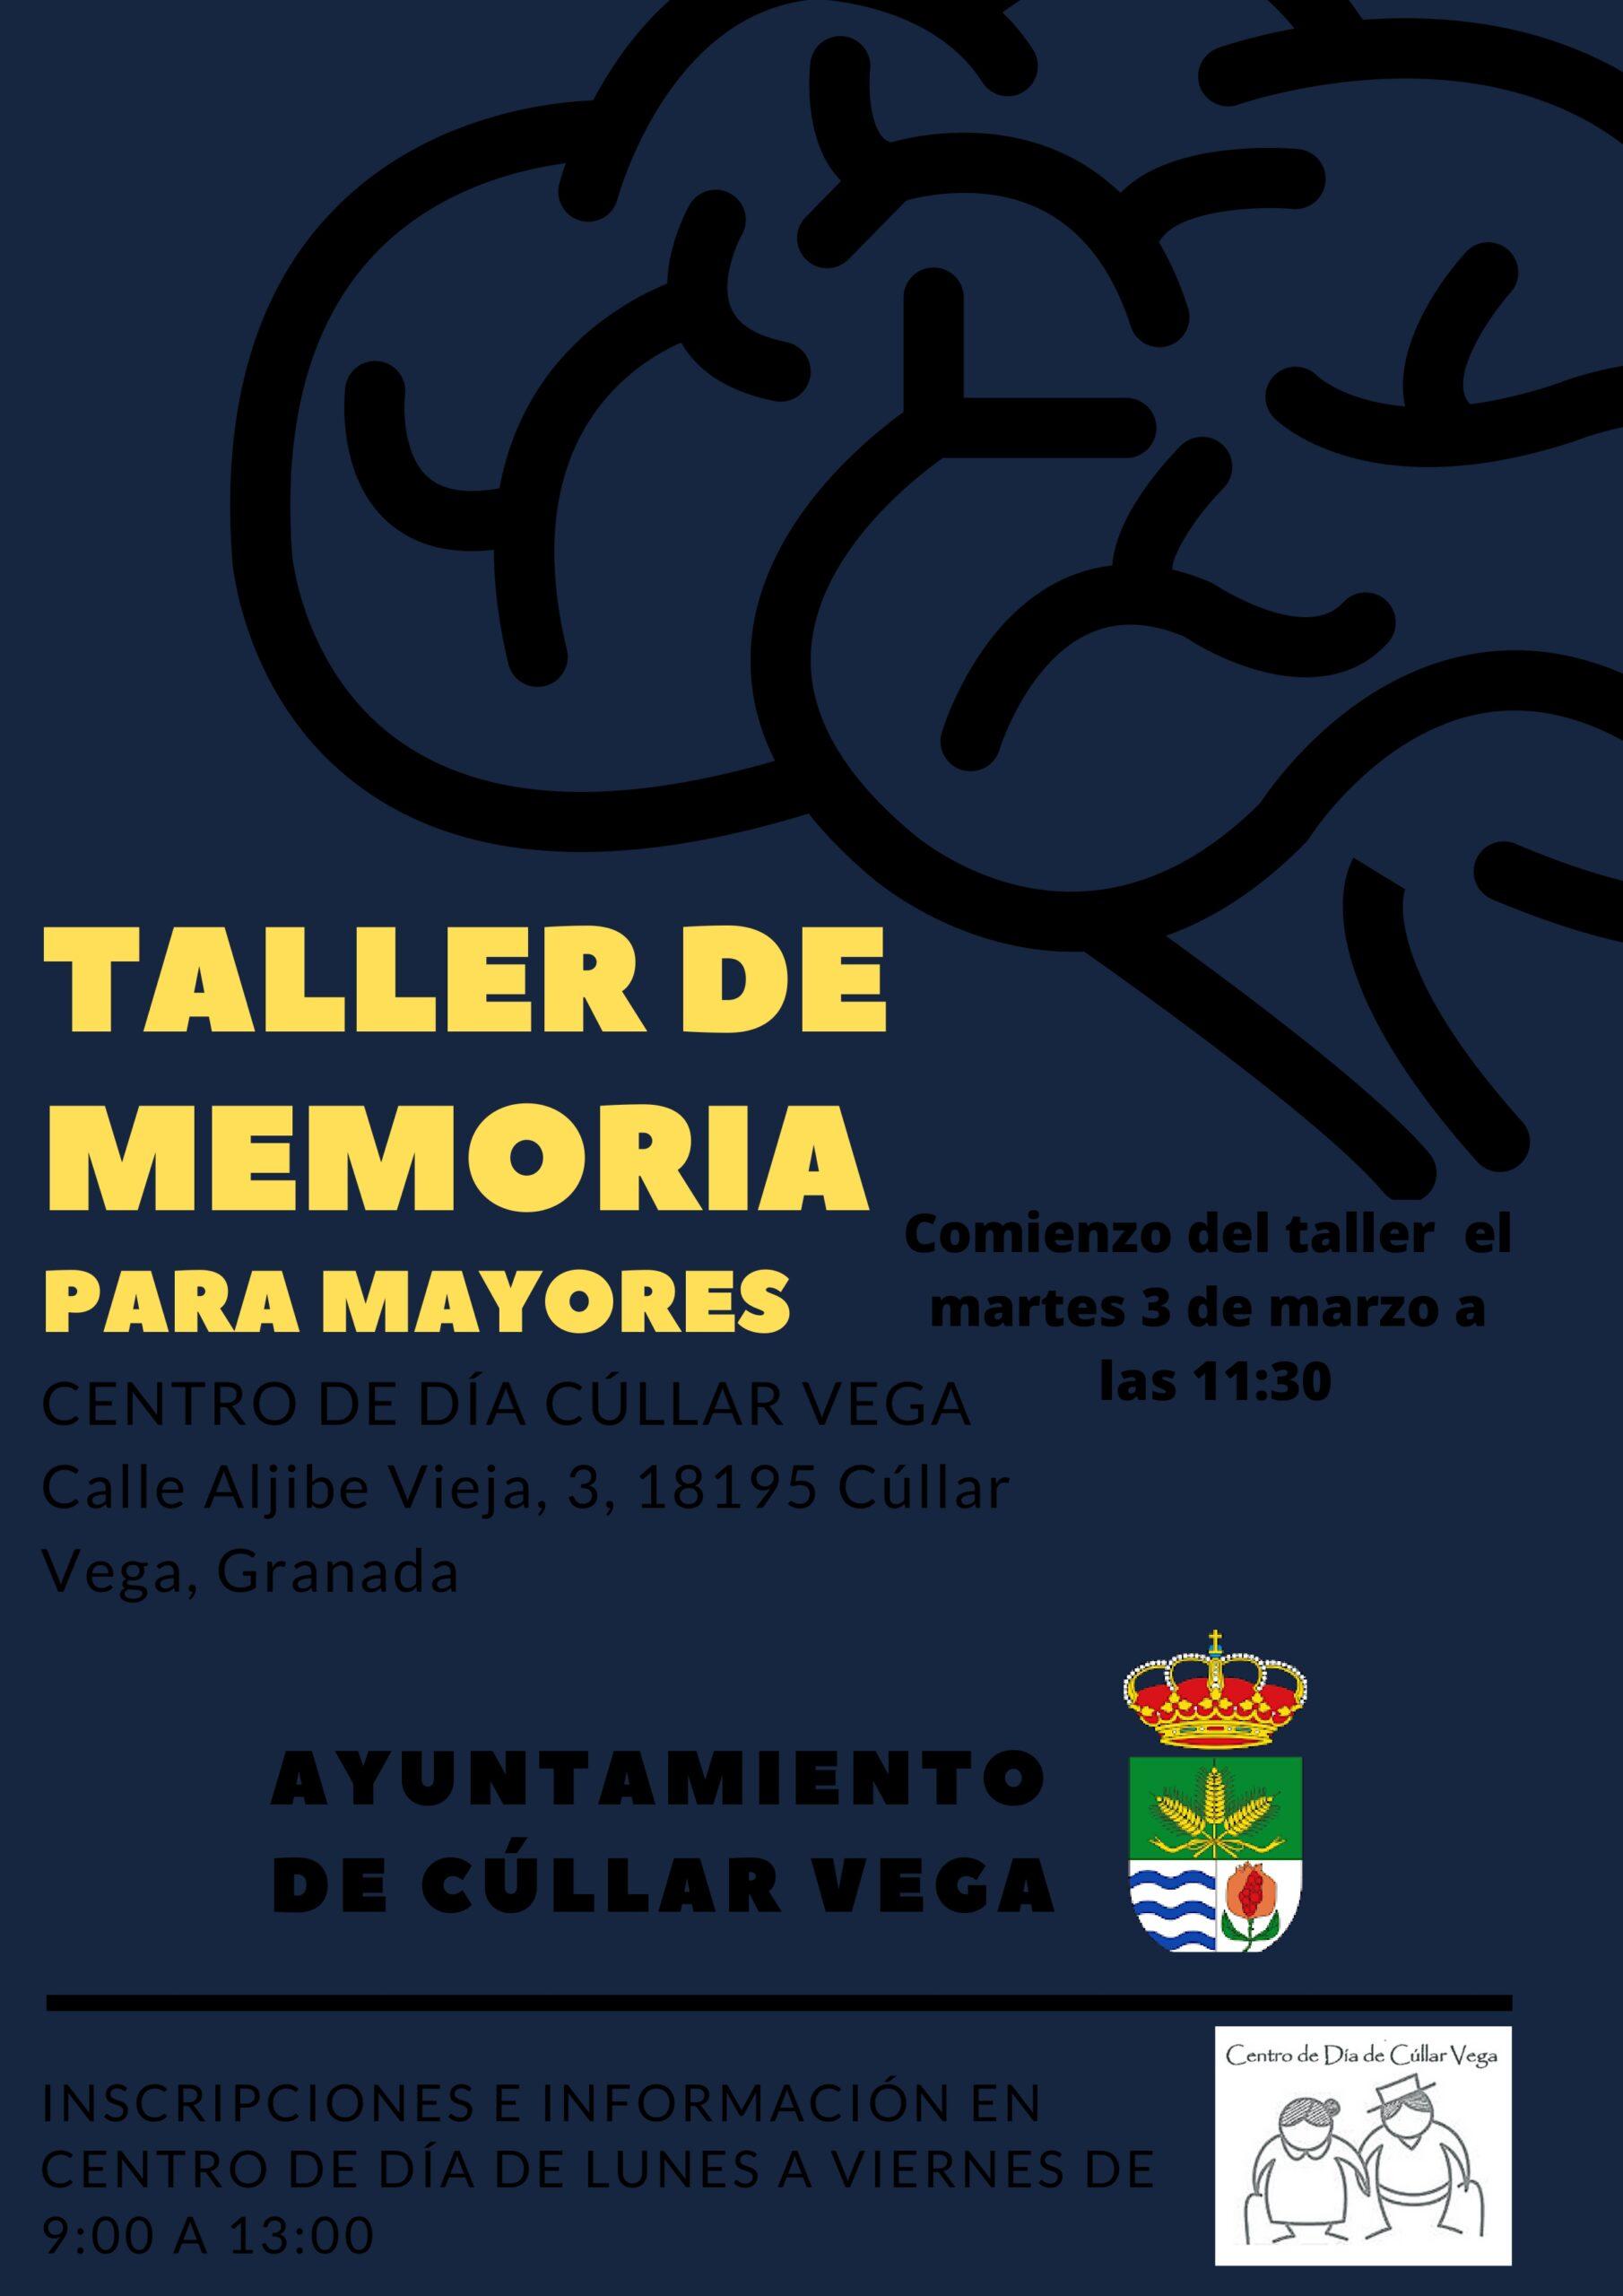 Taller de Memoria para Mayores